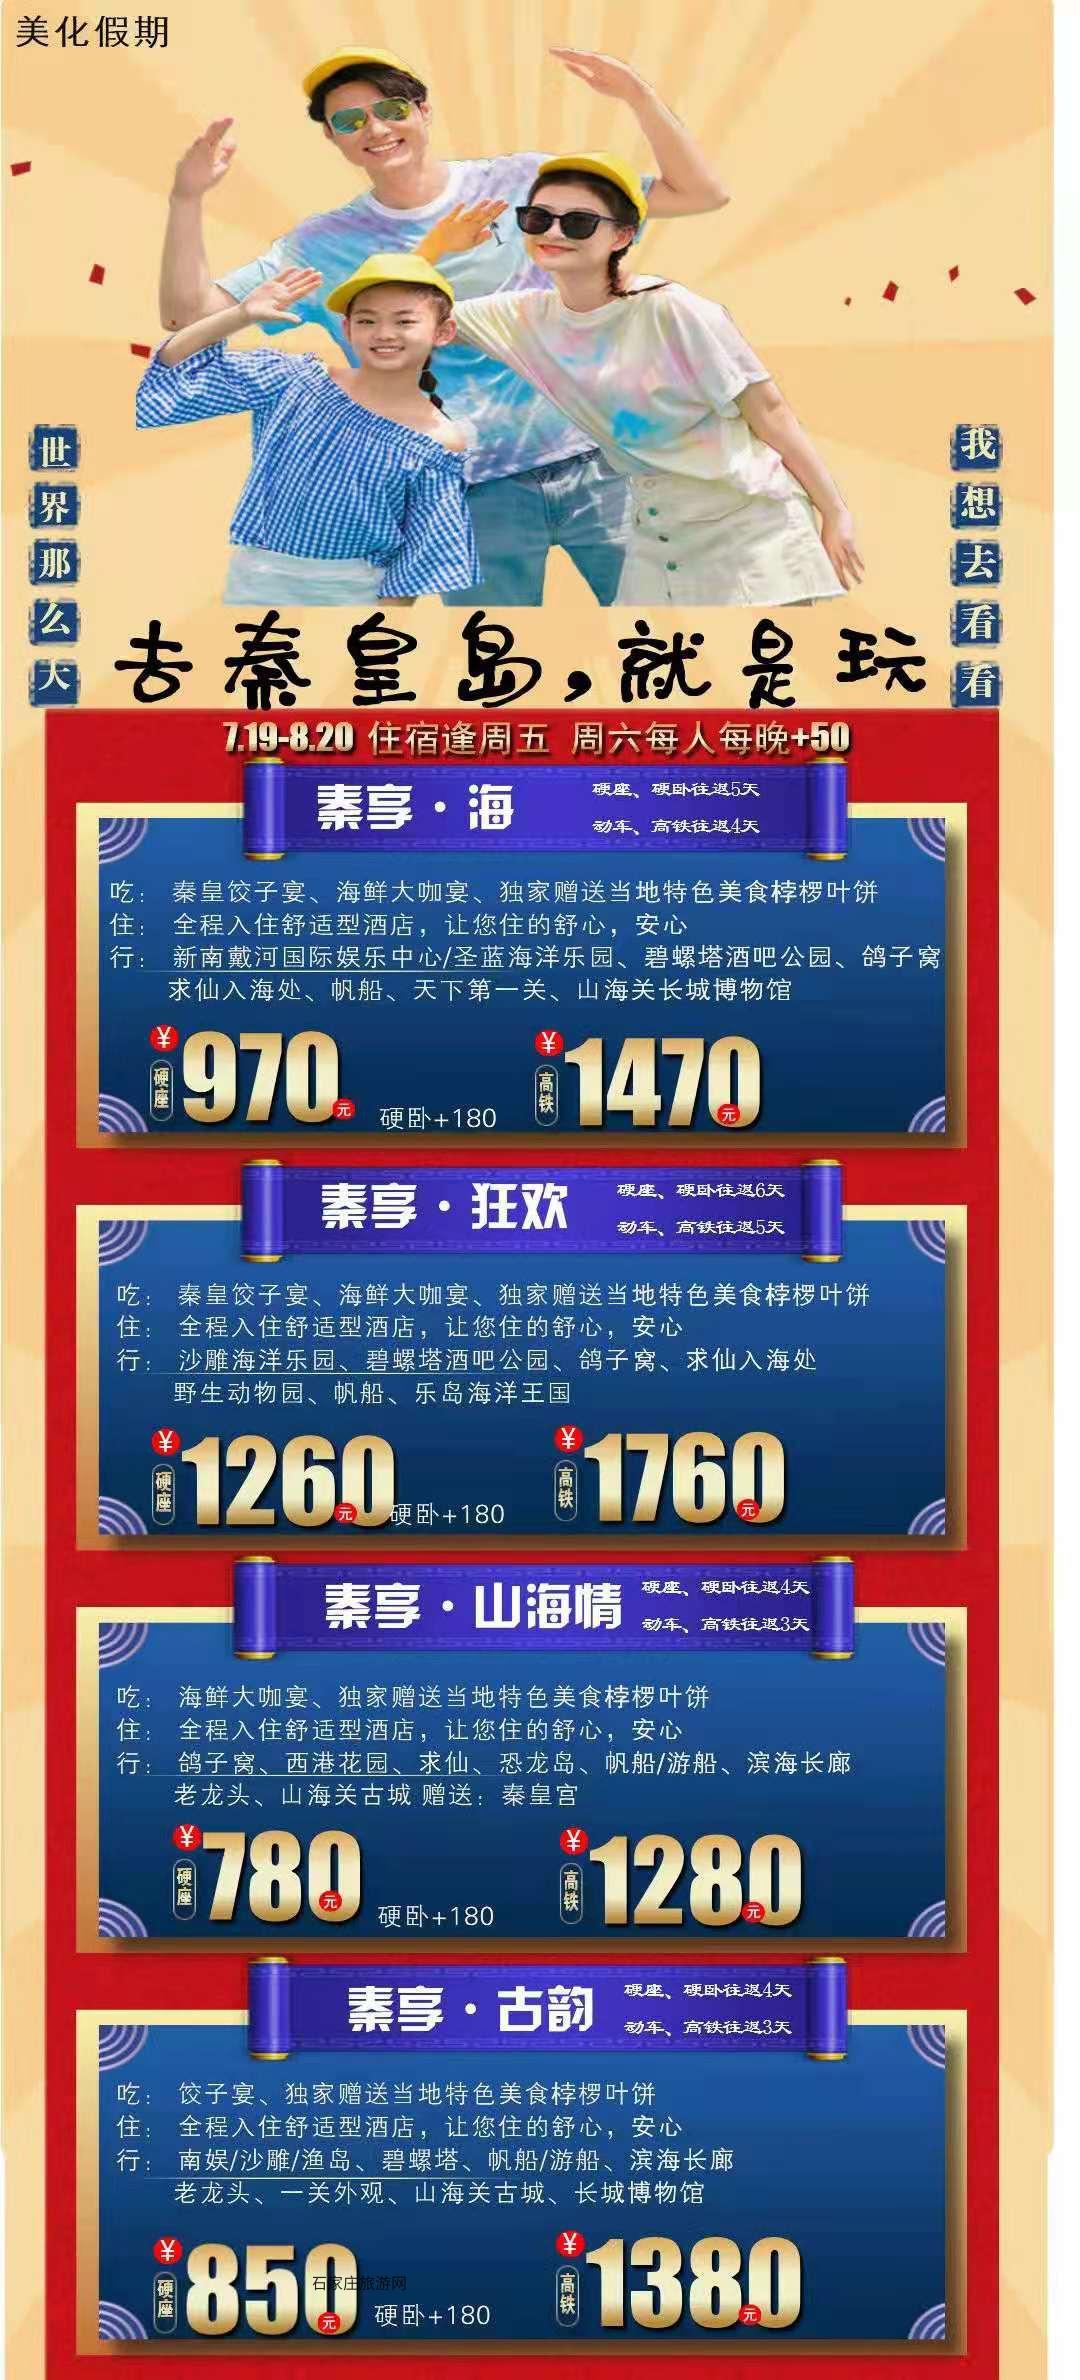 纯玩丨火车丨高铁丨秦皇岛4天3晚游